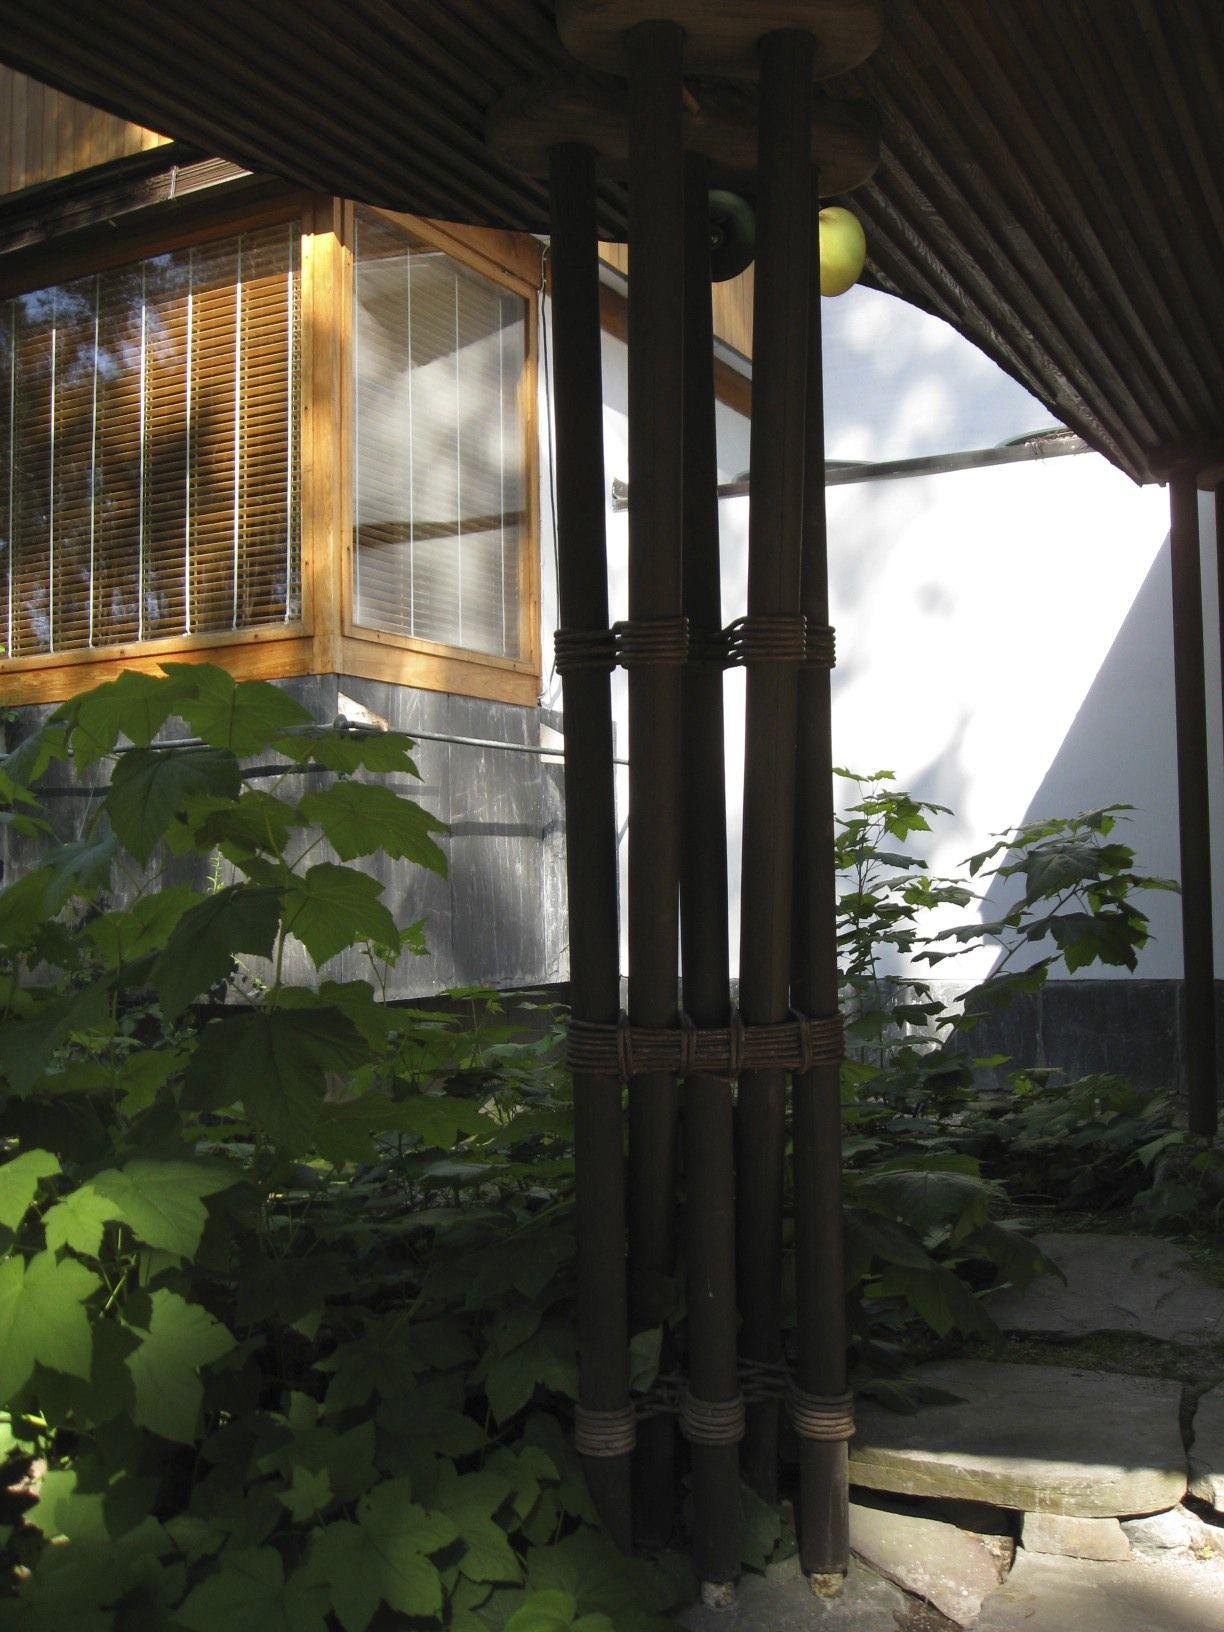 Under the canopy of Alvar Aalto's Villa Mairea, Noormakku, Finland, 1938-39.